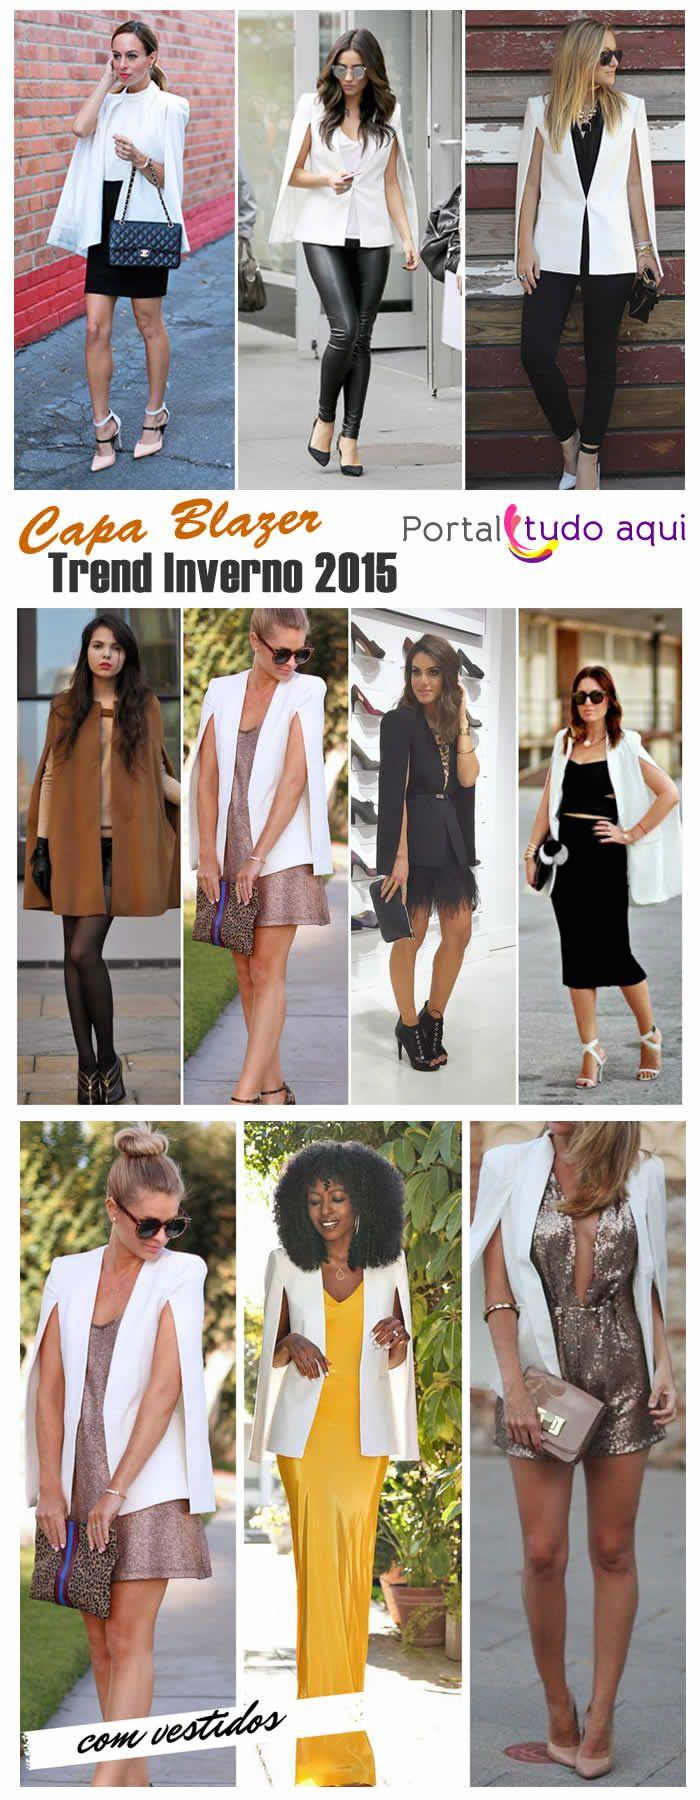 capas e blazer. Tendências de moda para o inverno 2015.